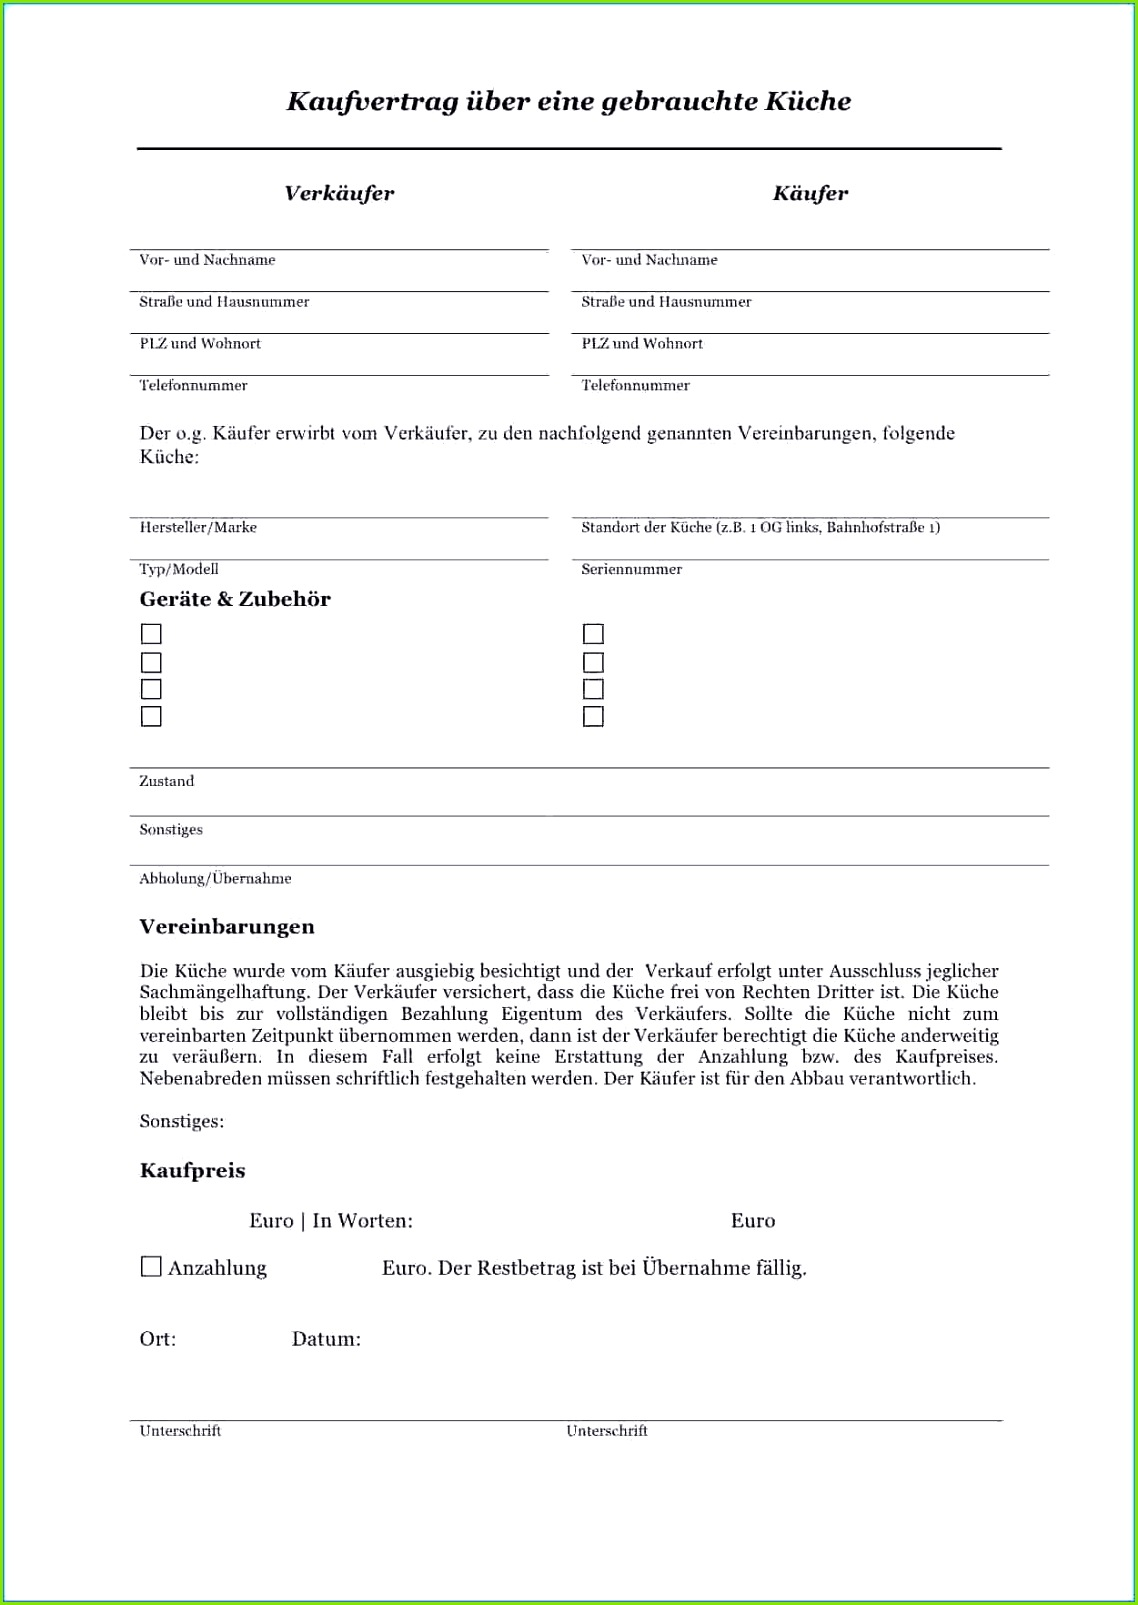 Vereinbarung Privatdarlehen Inspirational Widerruf Darlehen Muster Vorstellung – Gbr Vertrag Muster Word